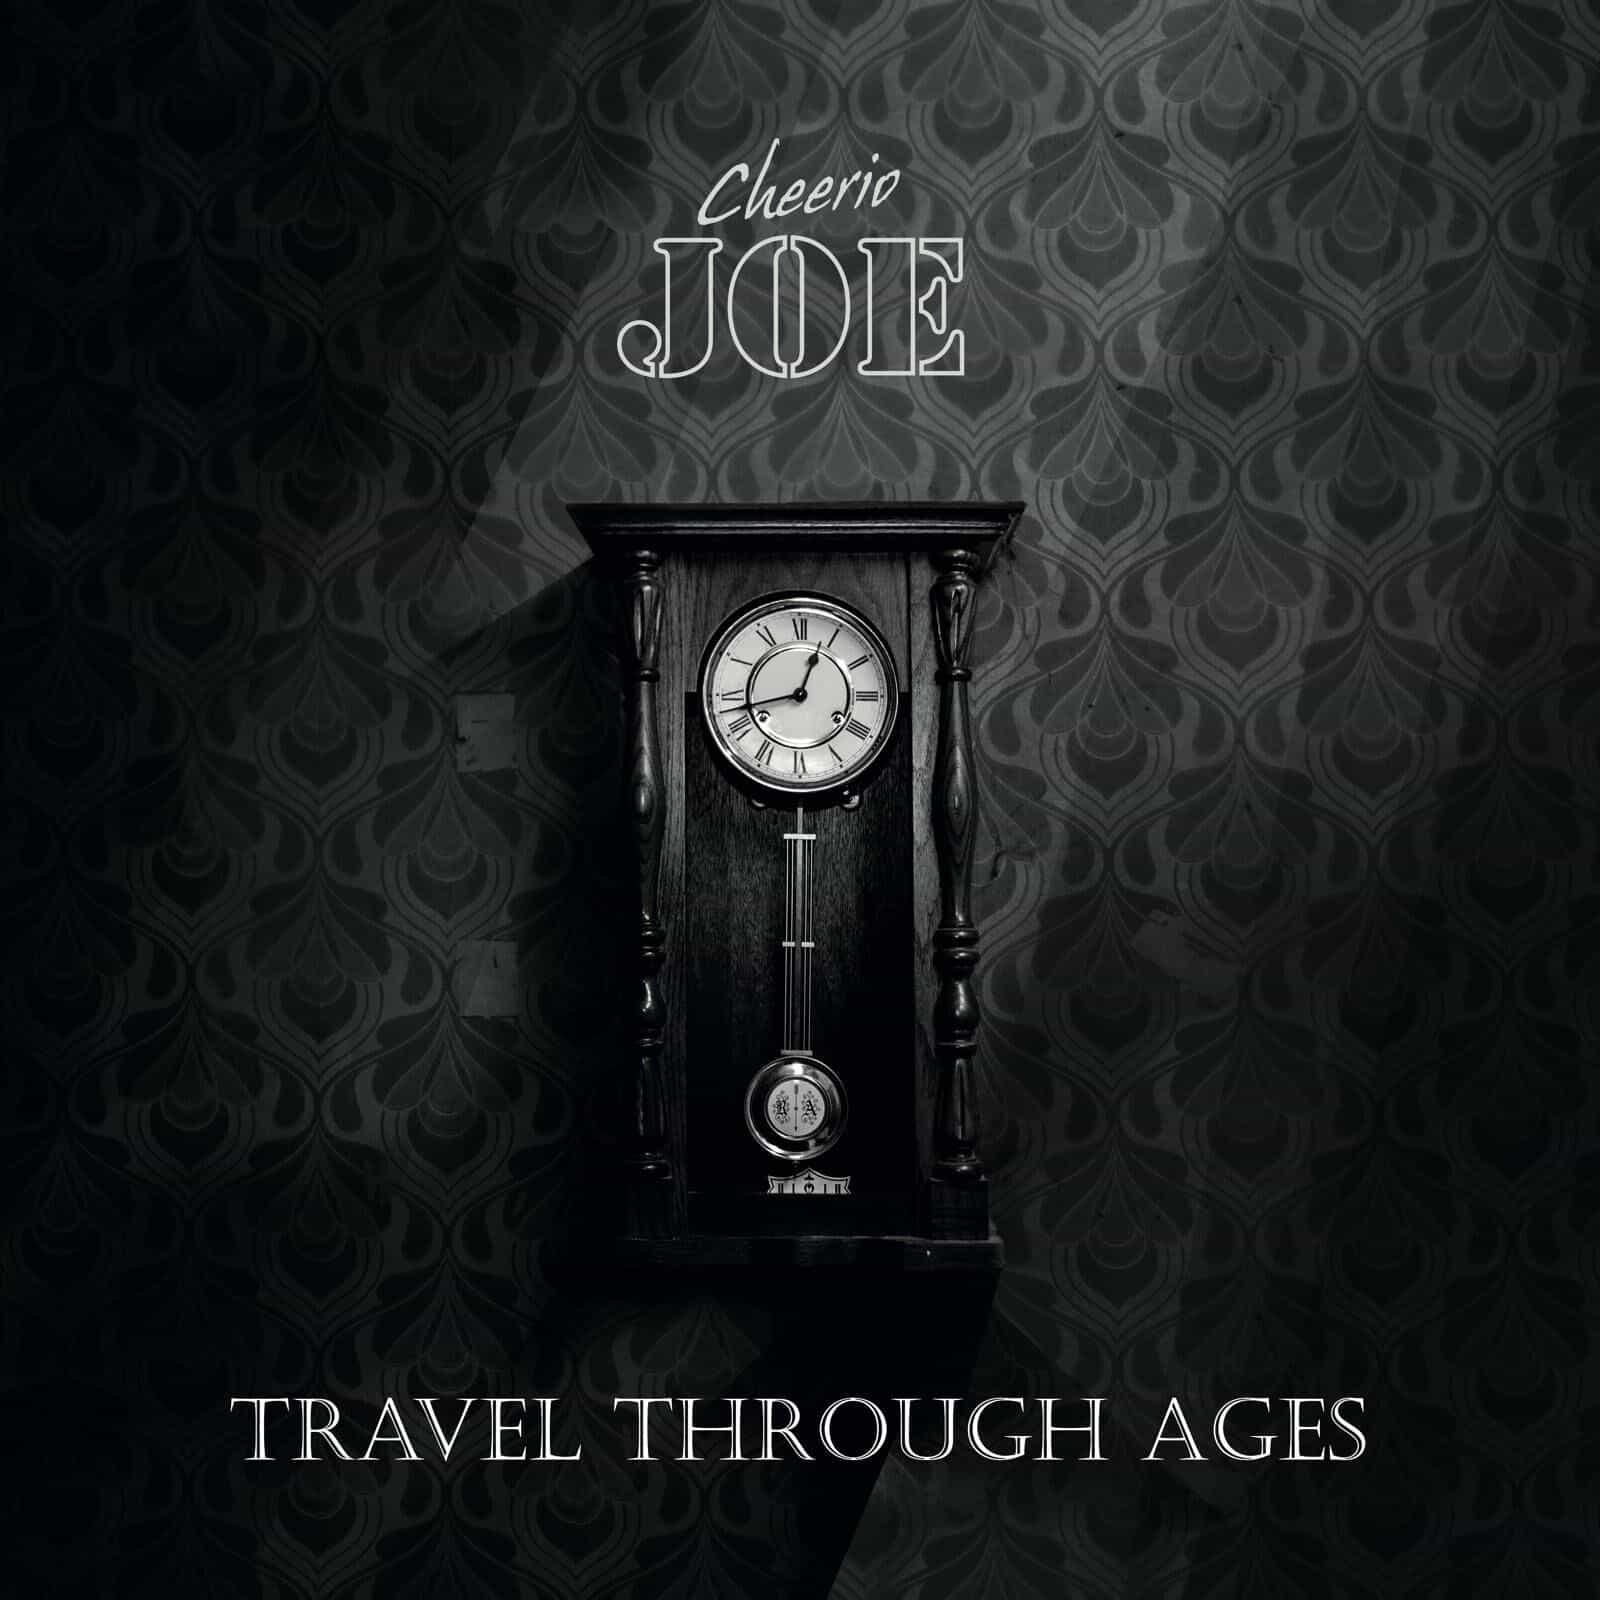 Cheerio Joe Travel through ages Album Cover